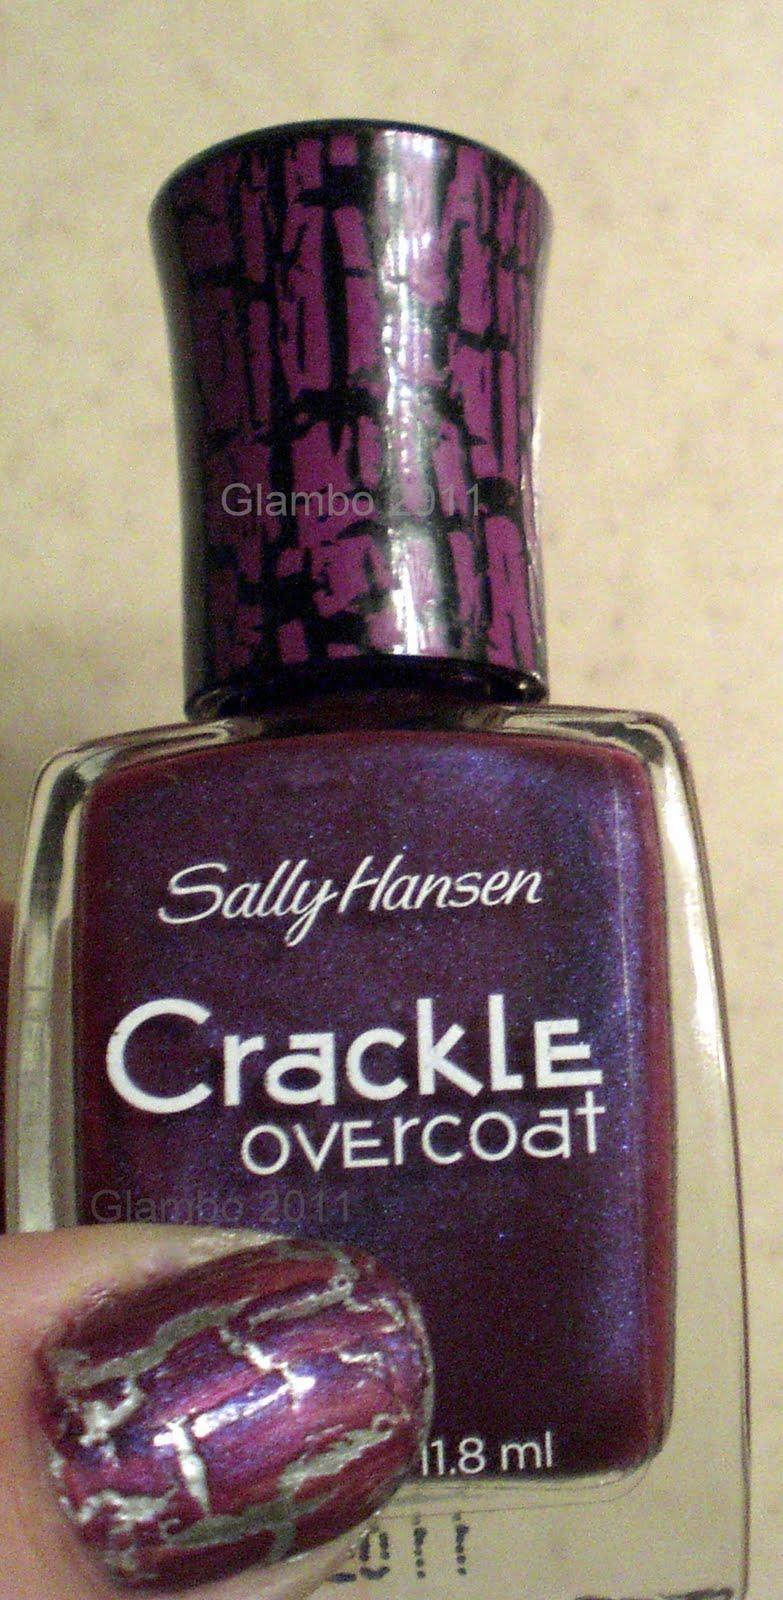 Sally hansen crackle overcoat